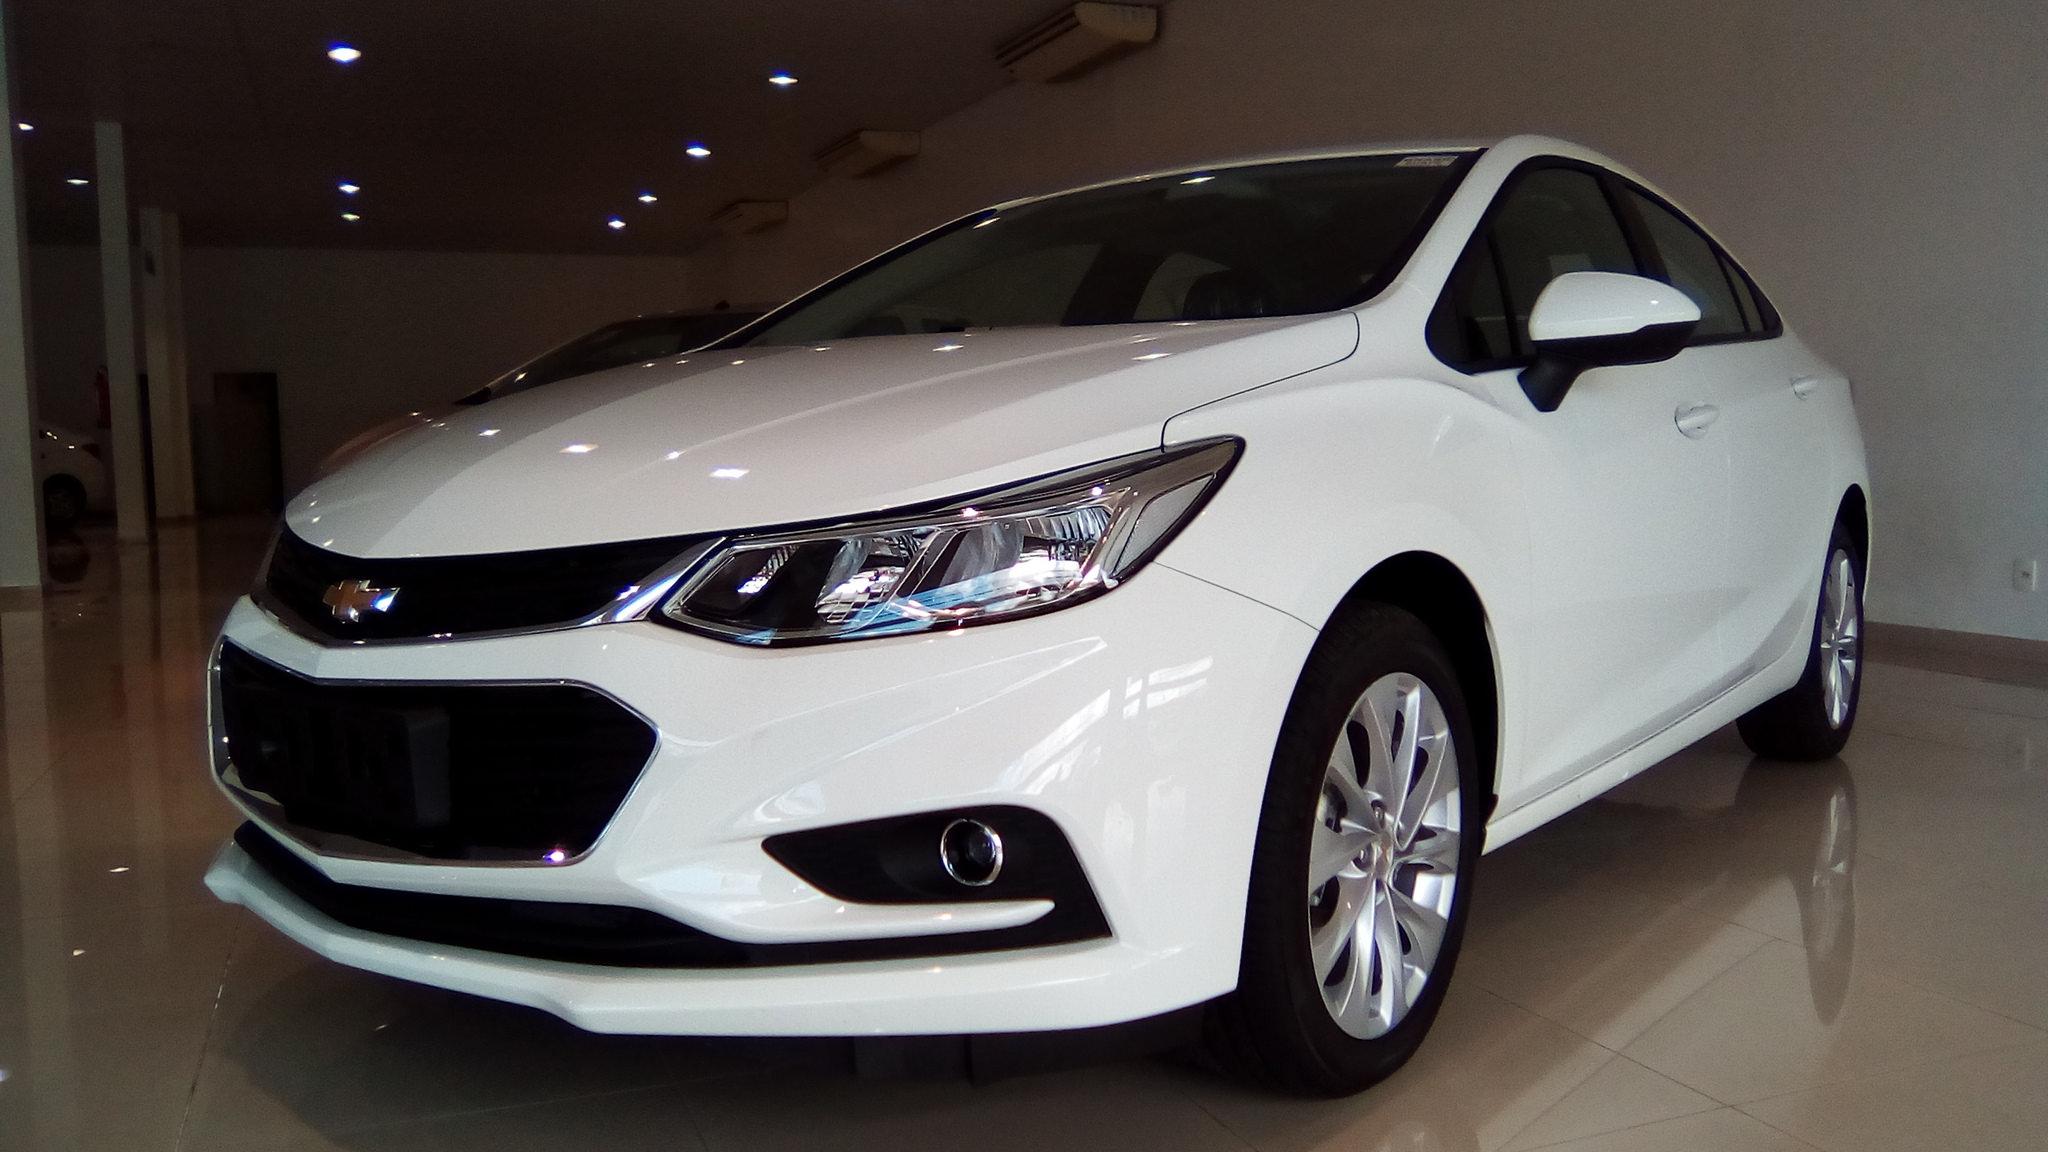 34056586533 48114f4d60 K Not 237 Cias Sobre Carros Carsnews